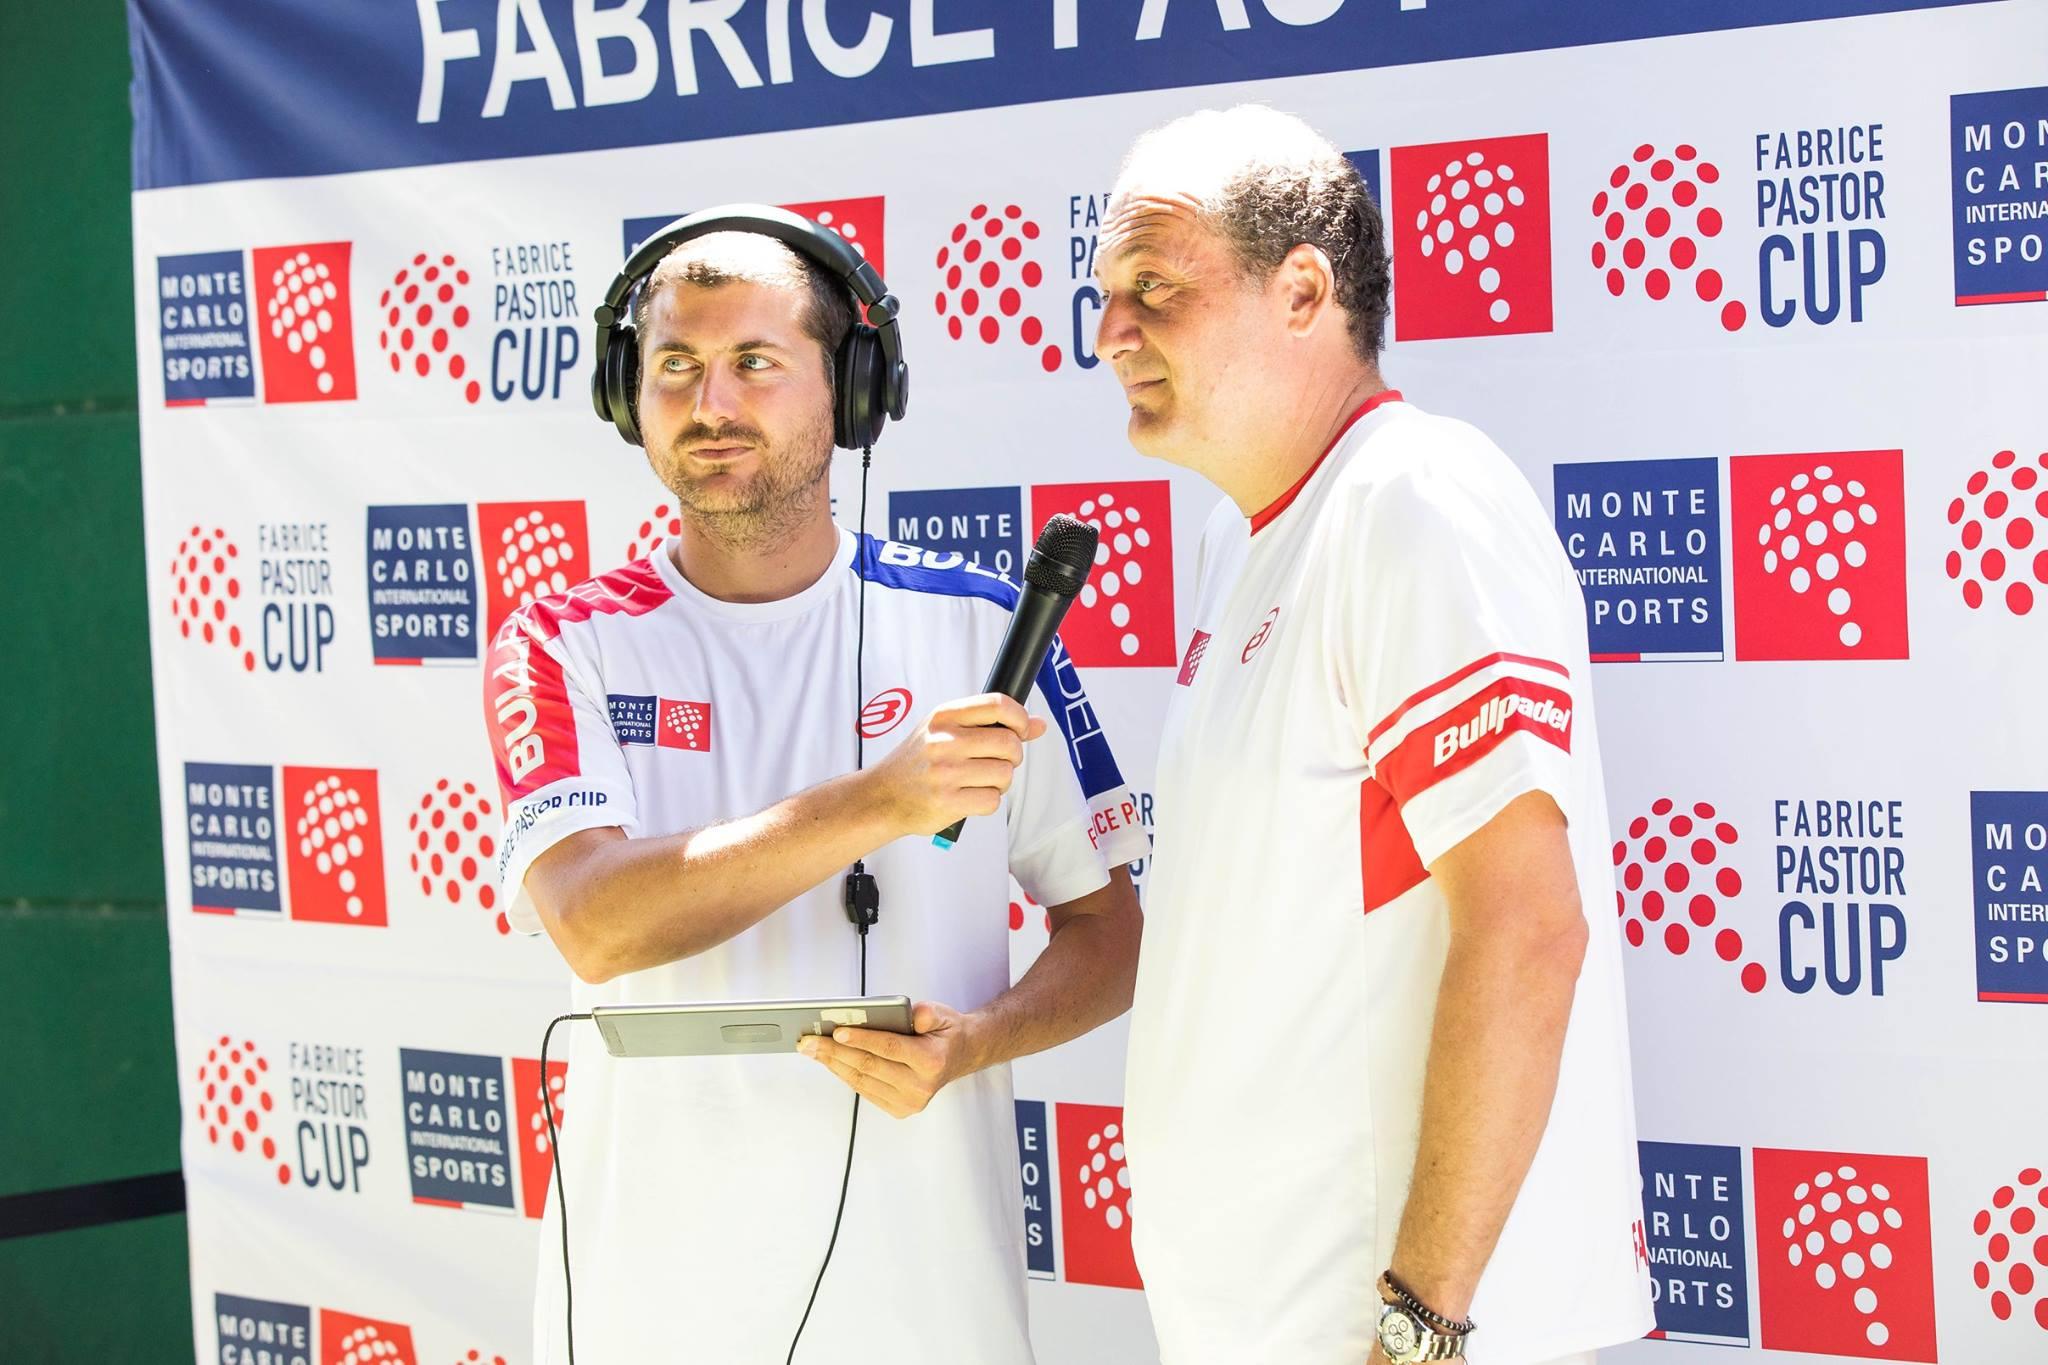 """Fabrice Pastor: """"Sono stato gettato"""""""